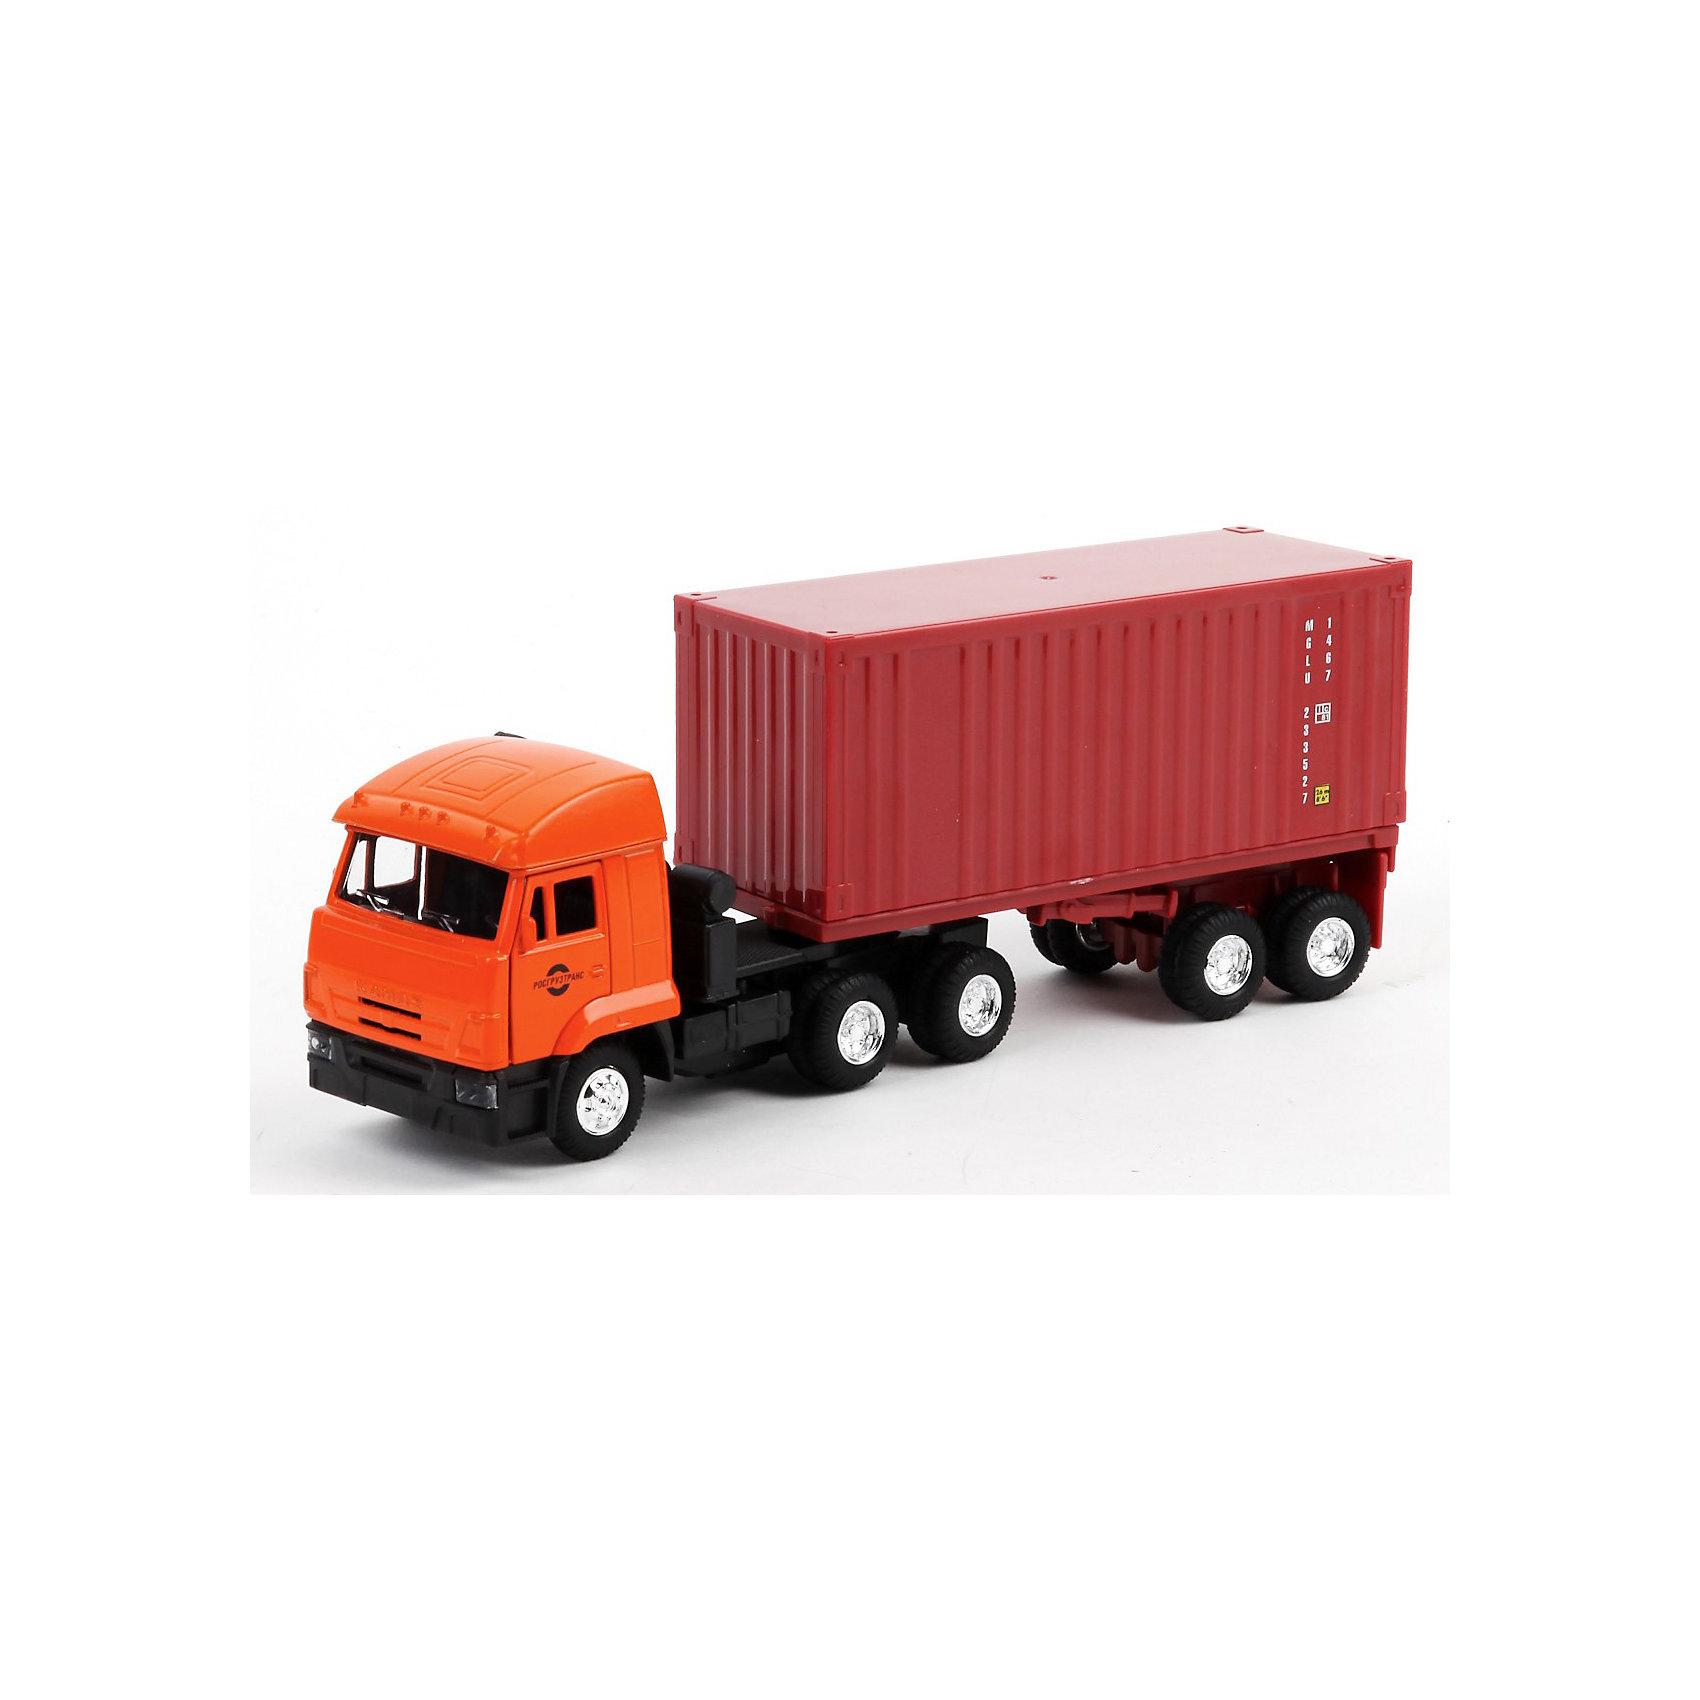 КАМАЗ 1:43, инерц., свет, звук, ТЕХНОПАРКМашина КАМАЗ, Технопарк со световыми и звуковыми эффектами — модель настоящего грузового автомобиля, выполненная в масштабе 1:43. Коллекционная модель выполнена из металла. Дверки водительской кабины открываются, также открываются двери контейнера, сам контейнер снимается с площадки. Машинка имеет инерционный механизм, стоит откатить машинку назад и отпустить, и она быстро поедет вперед!<br>В процессе игры с маленьким автомобилем развивается воображение и мелкая моторика.<br><br>Машинка станет хорошей игрушкой для ребенка и отличным дополнением к любой коллекции масштабных автомоделей.<br><br>Дополнительная информация:<br><br>- Материал: высококачественная пластмасса<br>- Размеры упаковки(ДхШхВ): 7 x 29 x 12 см<br>- Вес: 420 г.<br><br>КАМАЗ 1:43, с инерционным механизмом, световыми и звуковыми эффектами, ТЕХНОПАРК можно купить в нашем интернет-магазине.<br><br>Ширина мм: 70<br>Глубина мм: 290<br>Высота мм: 120<br>Вес г: 420<br>Возраст от месяцев: 36<br>Возраст до месяцев: 1188<br>Пол: Мужской<br>Возраст: Детский<br>SKU: 3482913